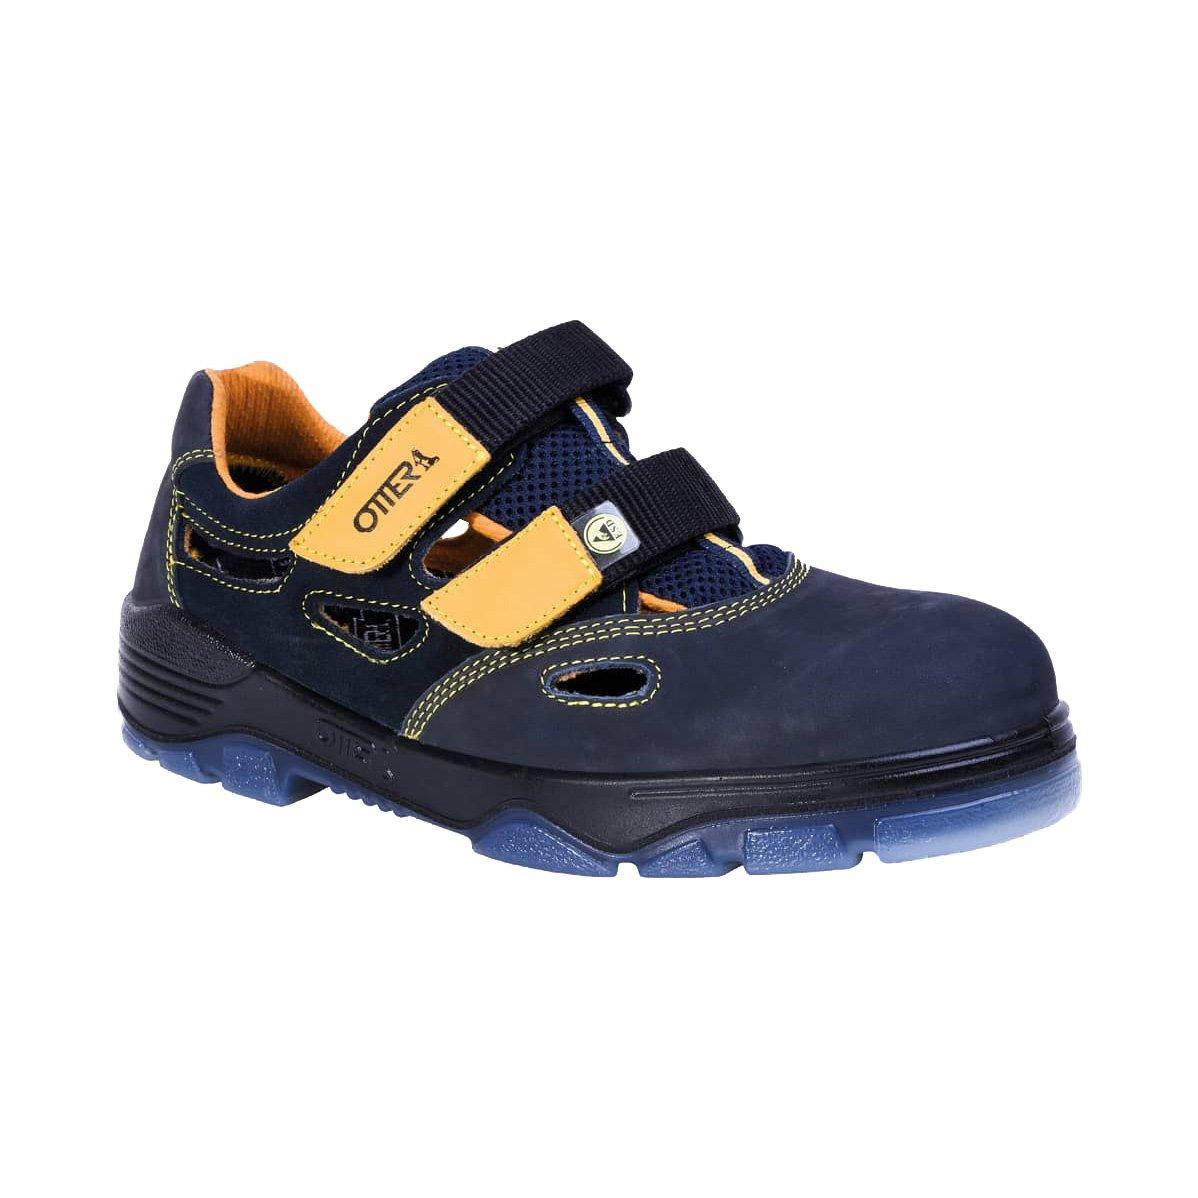 Otter SicherheitsSandalee 98405-559 schwarz/gelb ESD S1, Farbe: schwarz/gelb 98405-559 (41) - 5e87d9